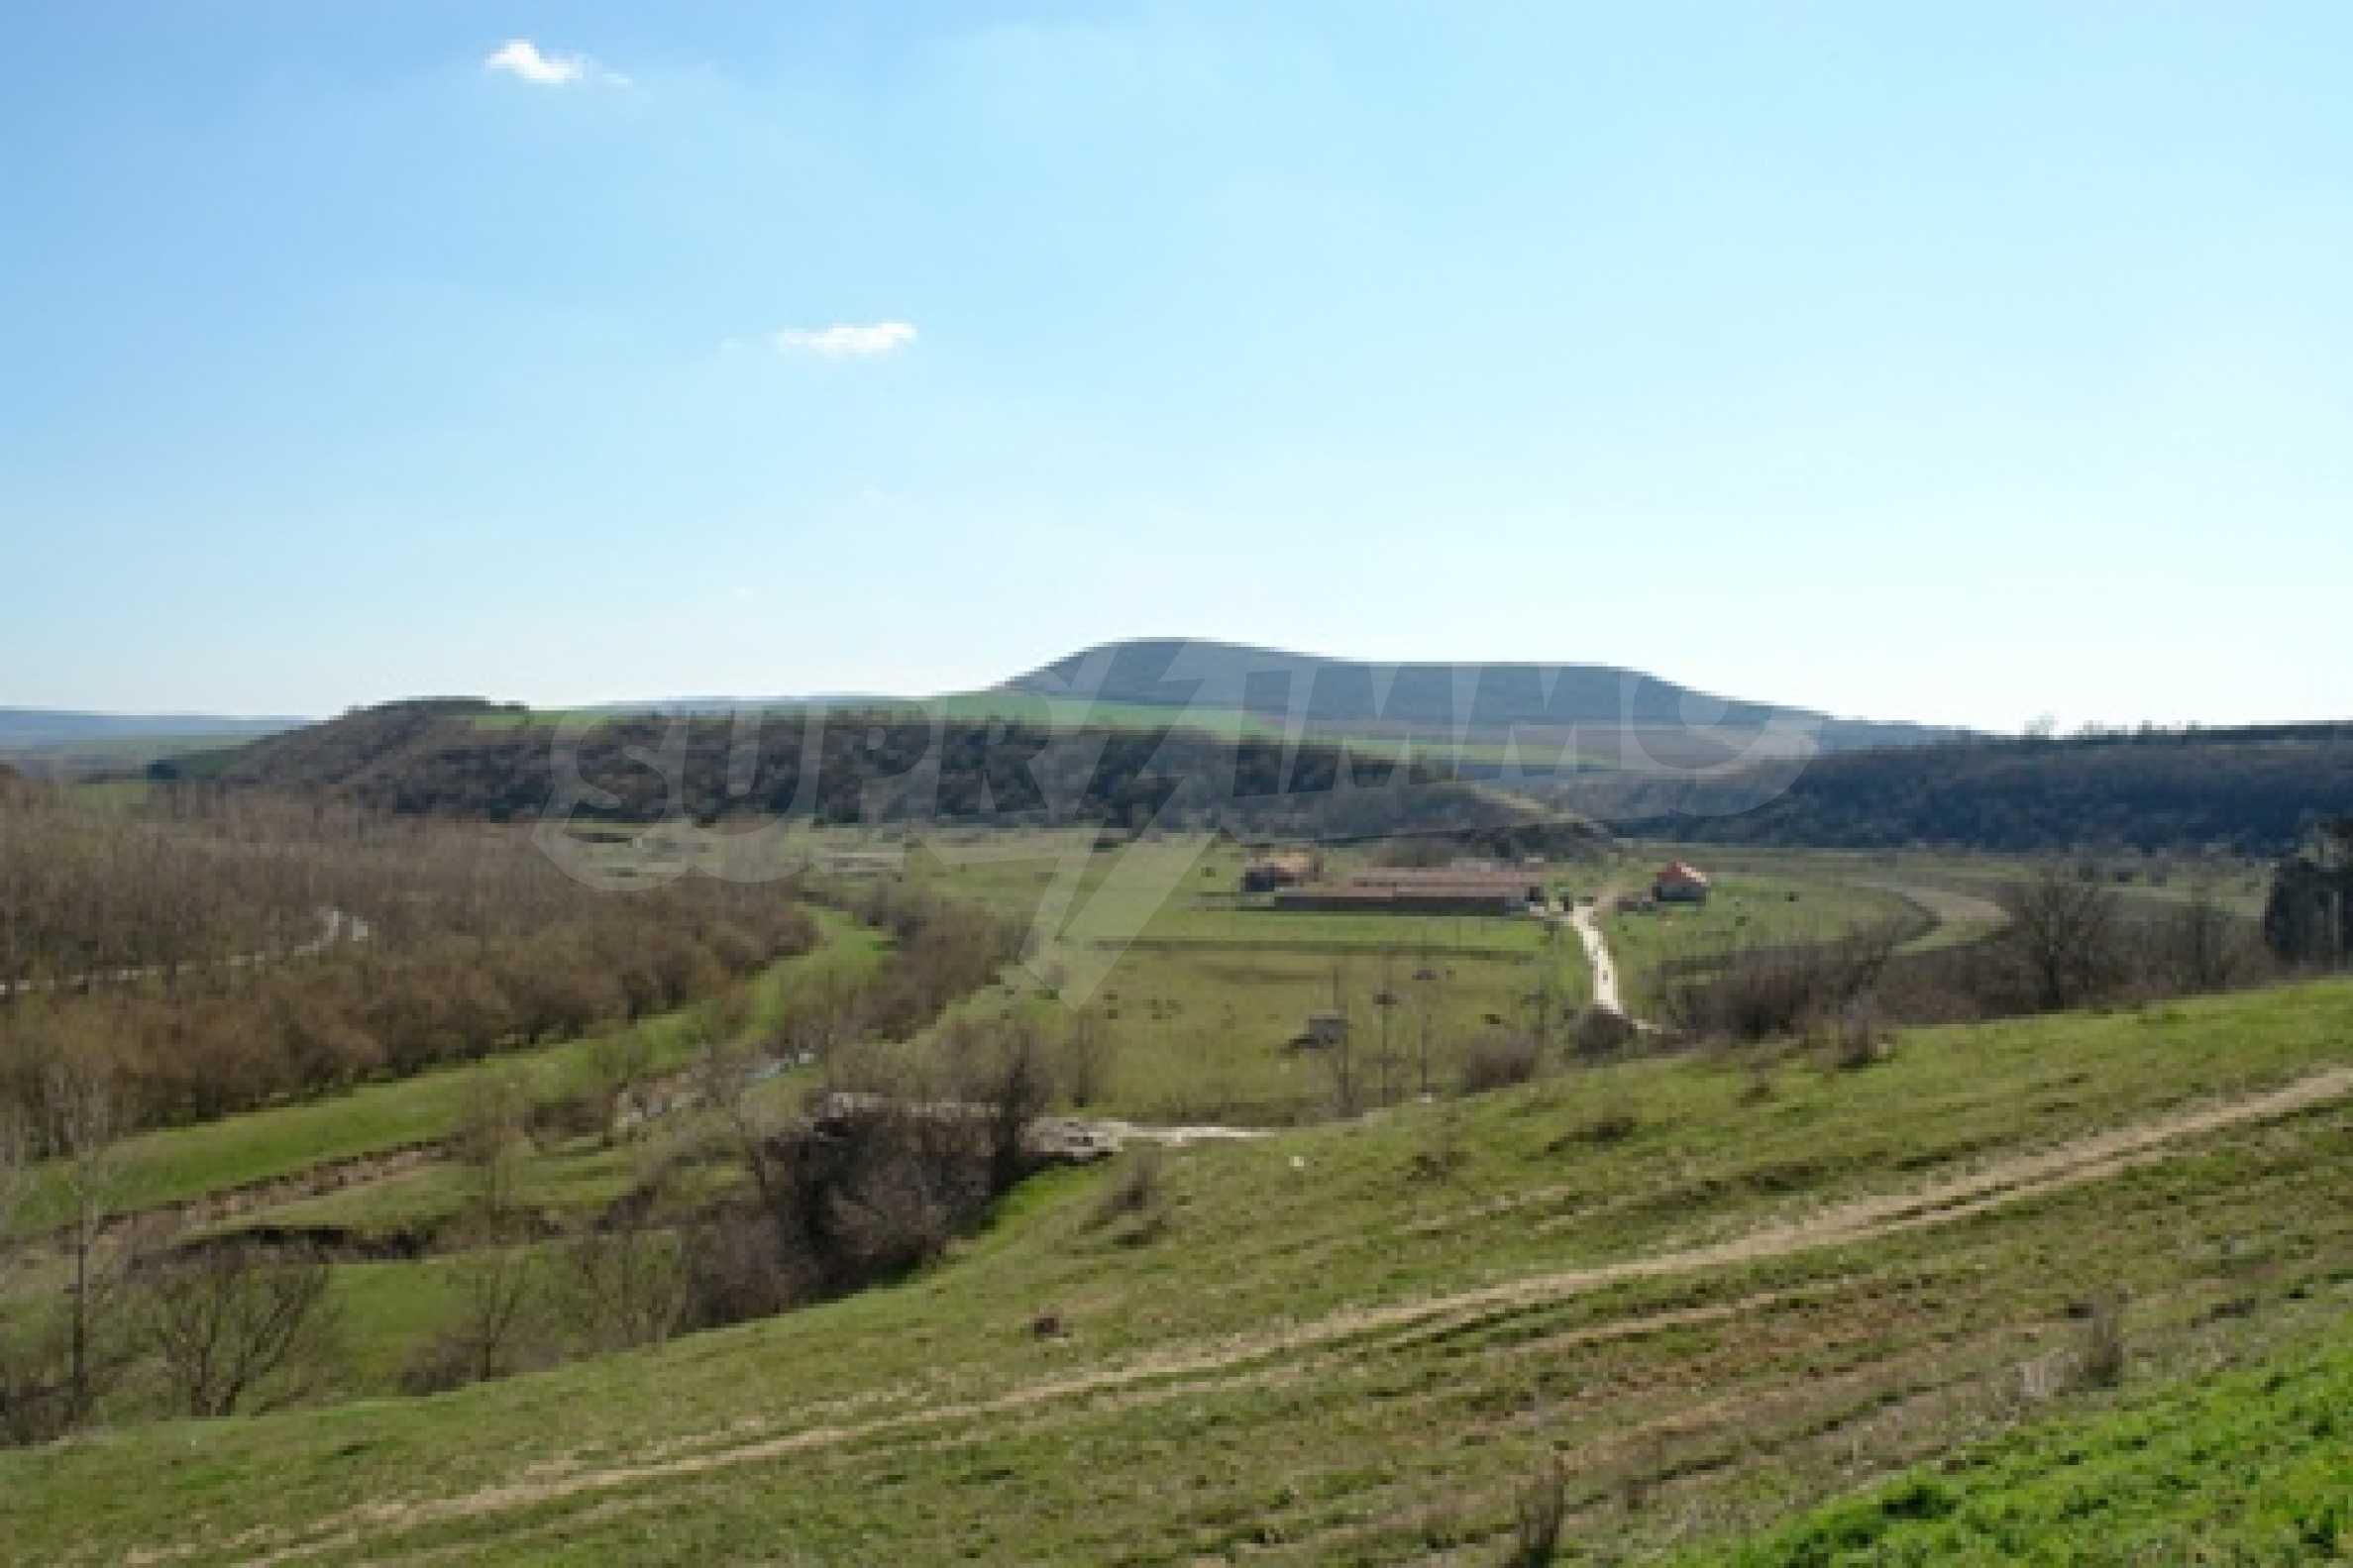 Geregeltes Grundstück im Dorf Shirokovo, Rousse für den Wohnungsbau geeignet